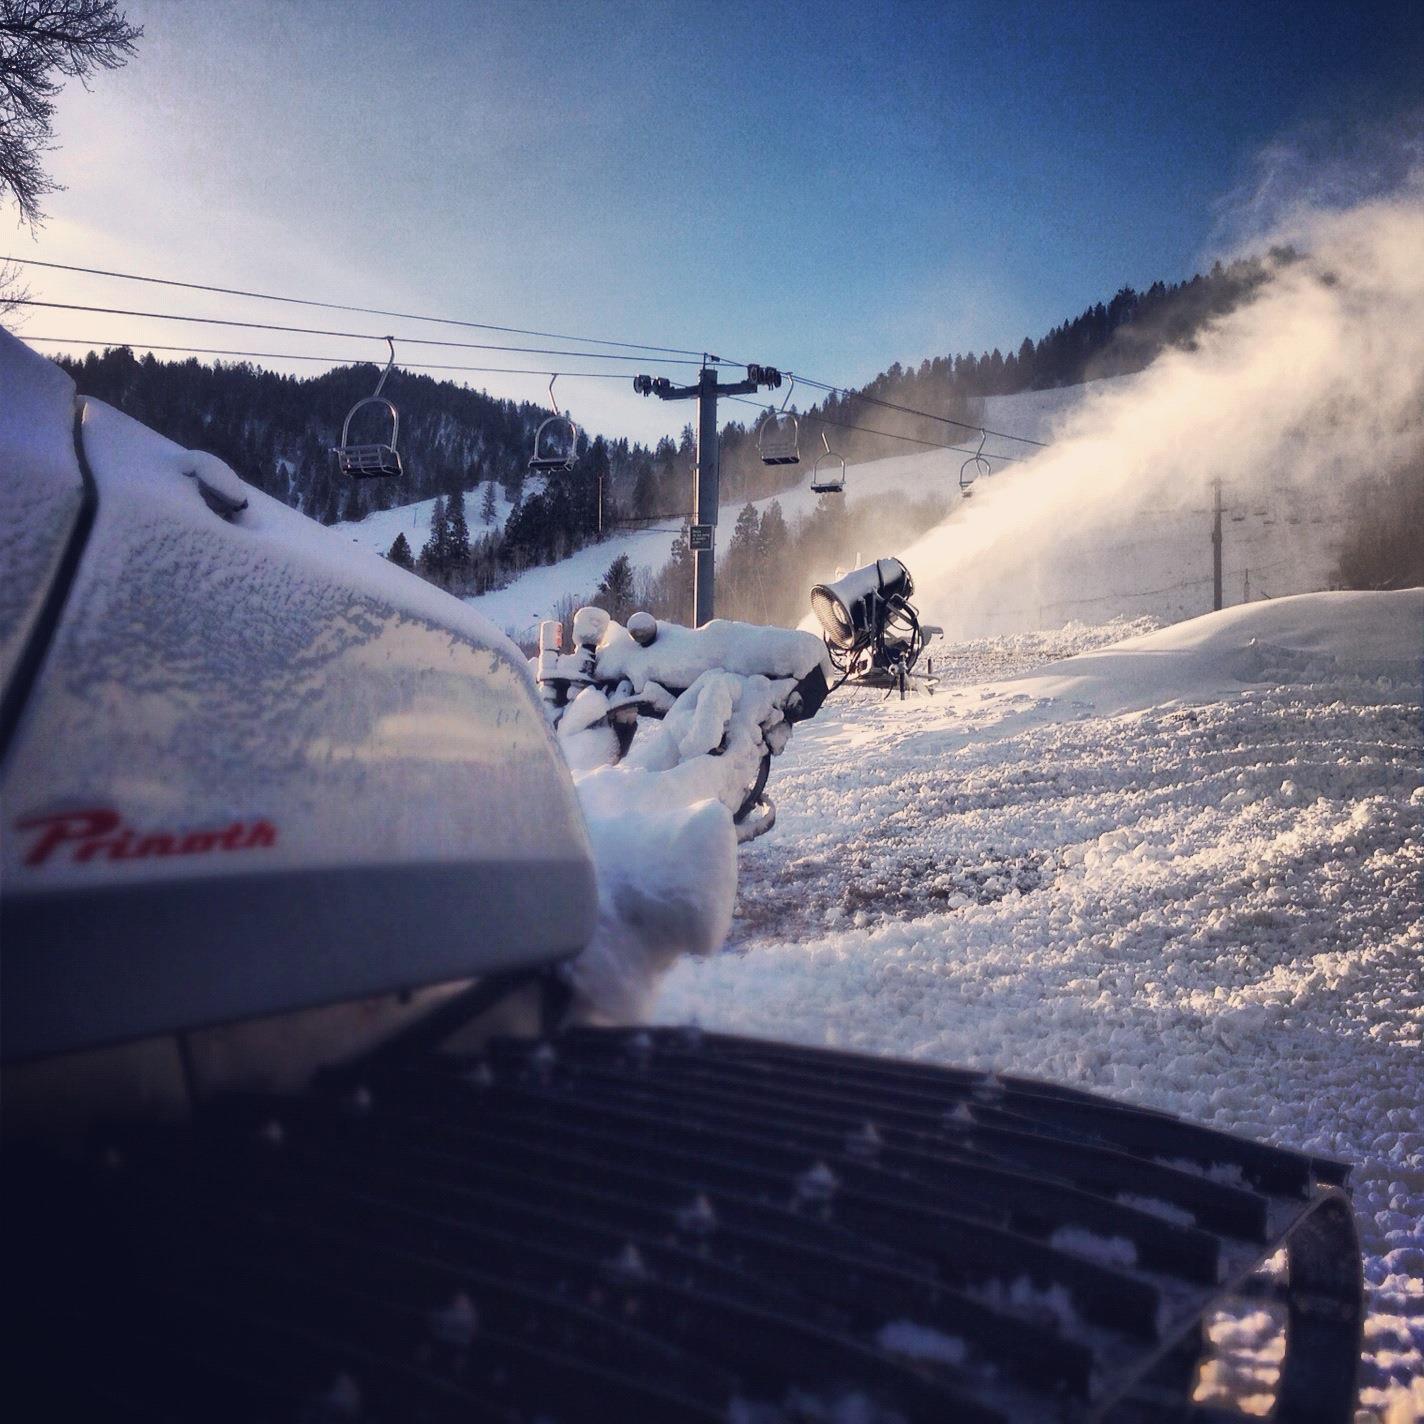 Aspen is opening early